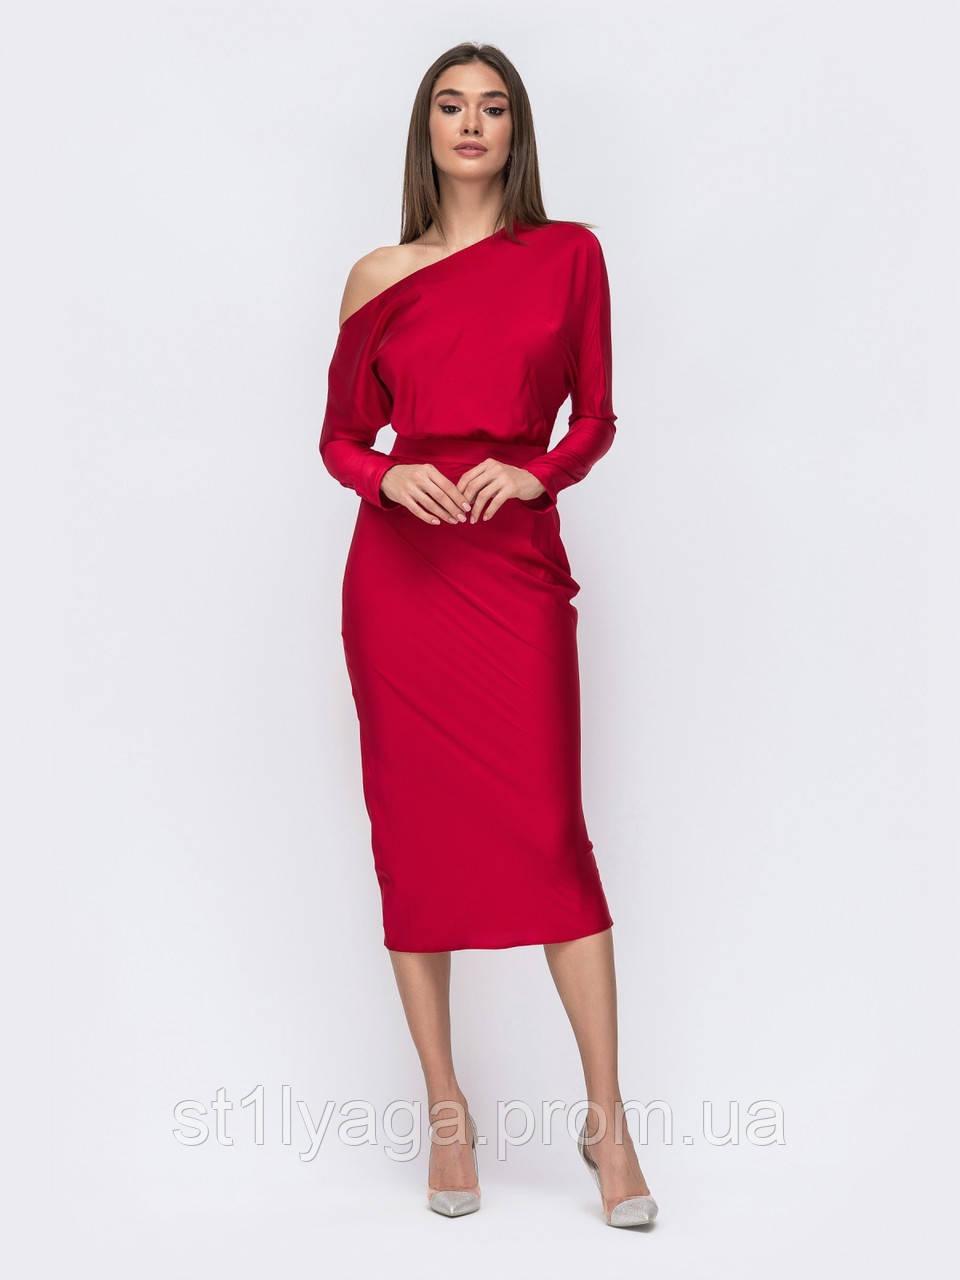 Облегающее платье-миди на одно плечо